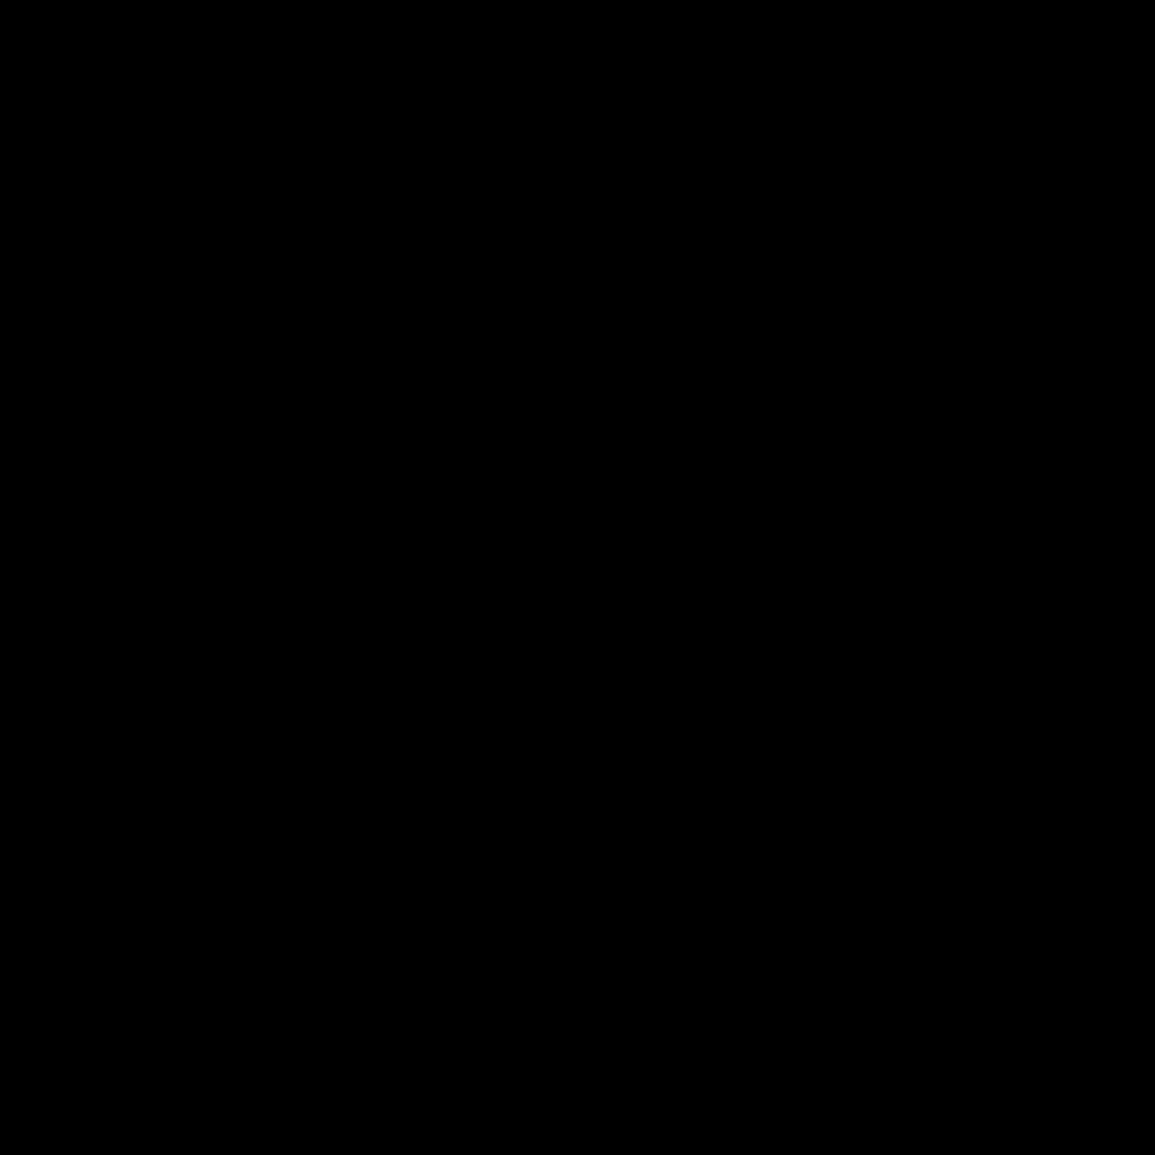 本蘭ゴシック L LHGA 字形見本